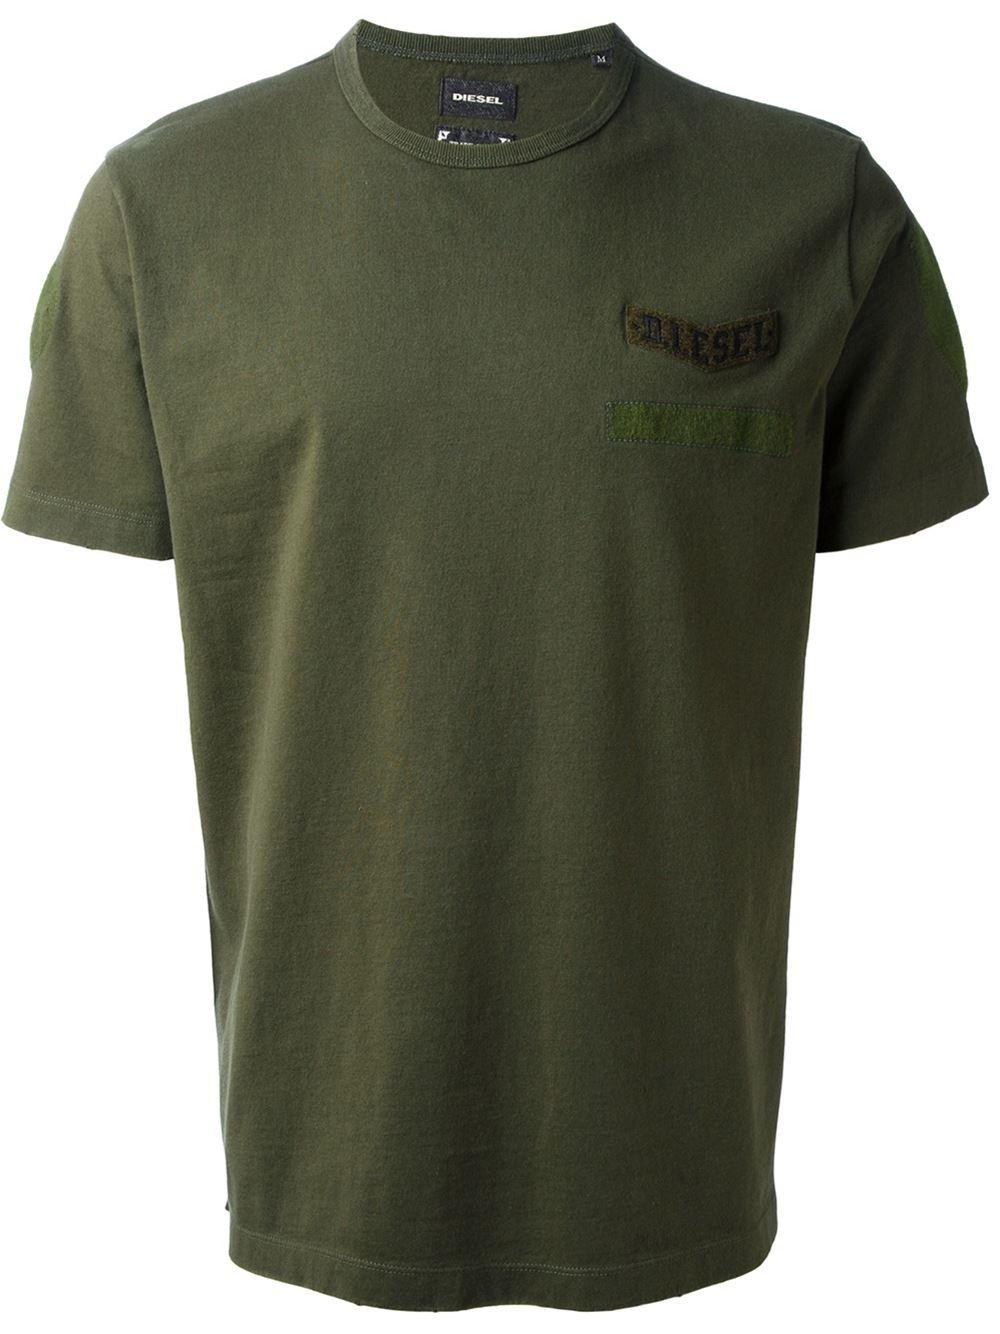 Diesel Designer Shirts